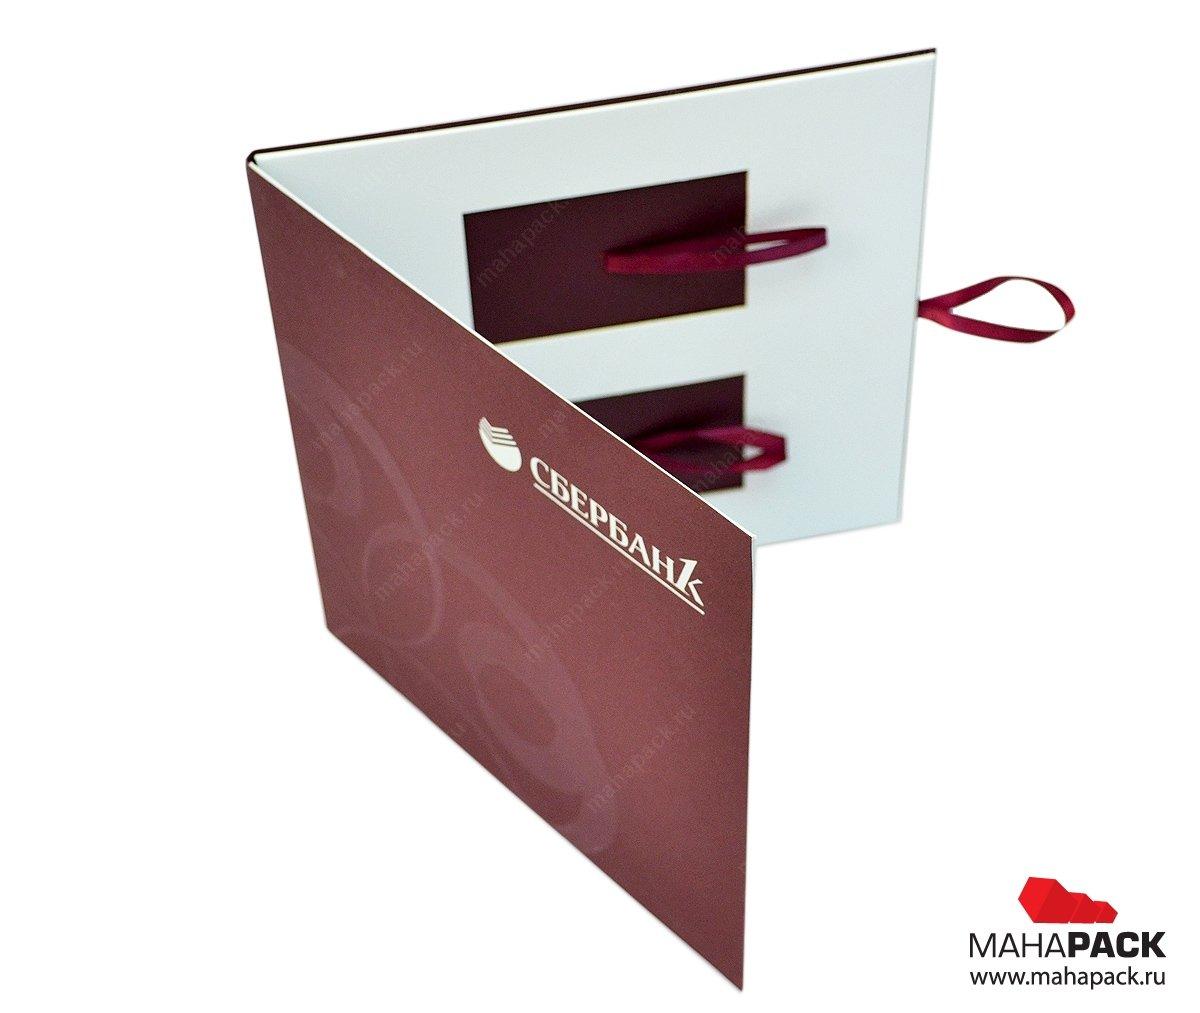 Индивидуальная упаковка для двух пластиковых карт